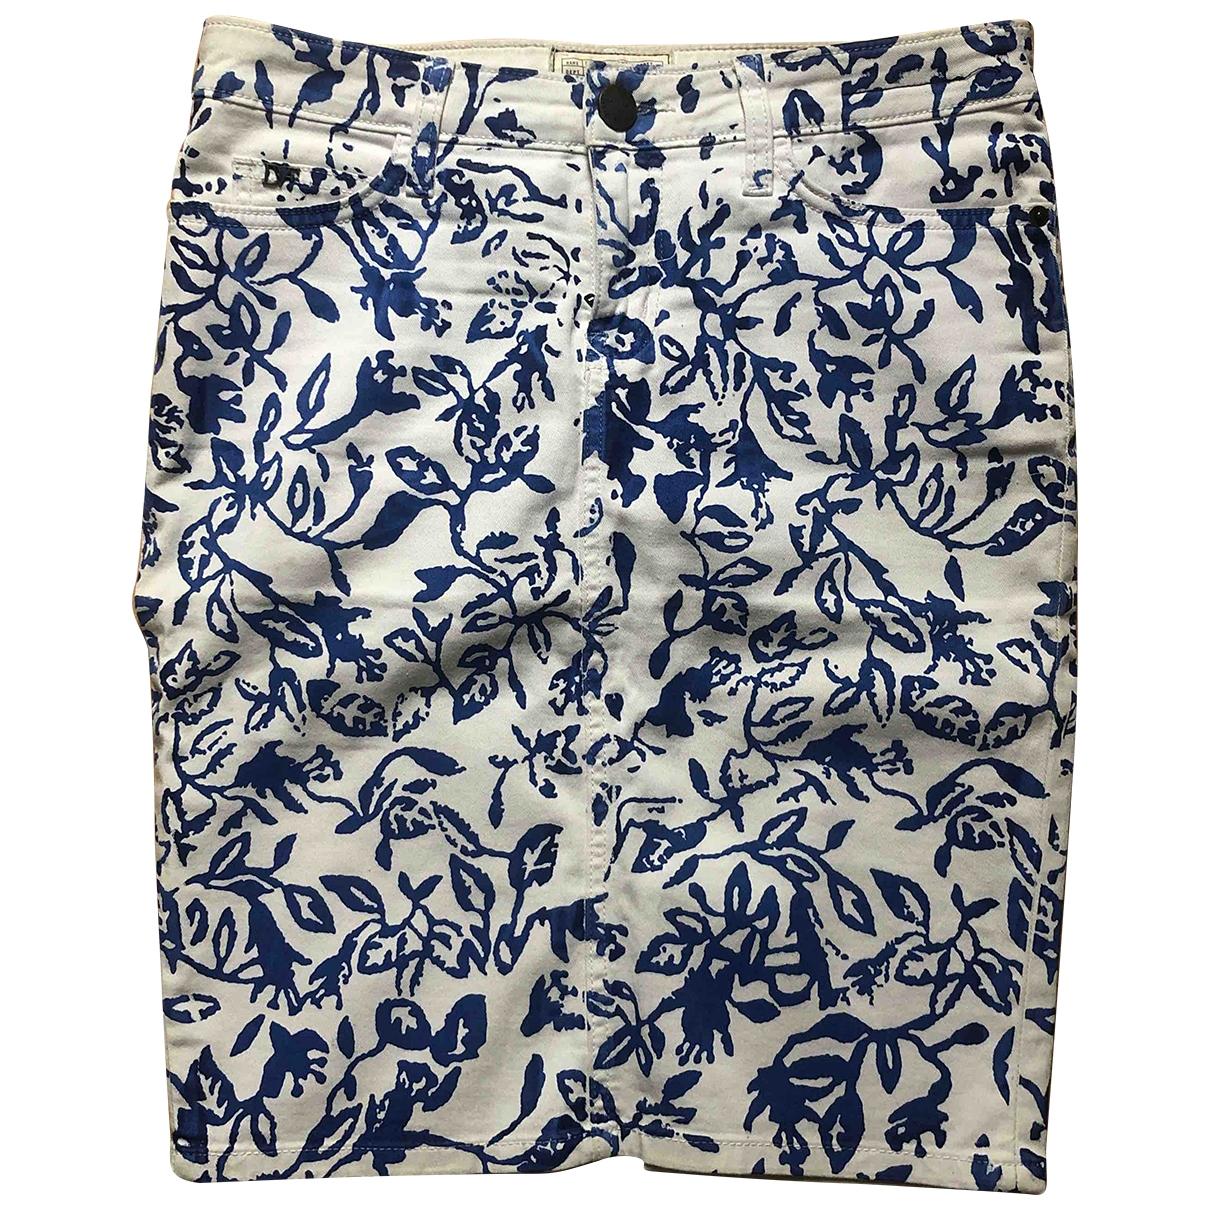 Diane Von Furstenberg \N White Cotton - elasthane skirt for Women XS International